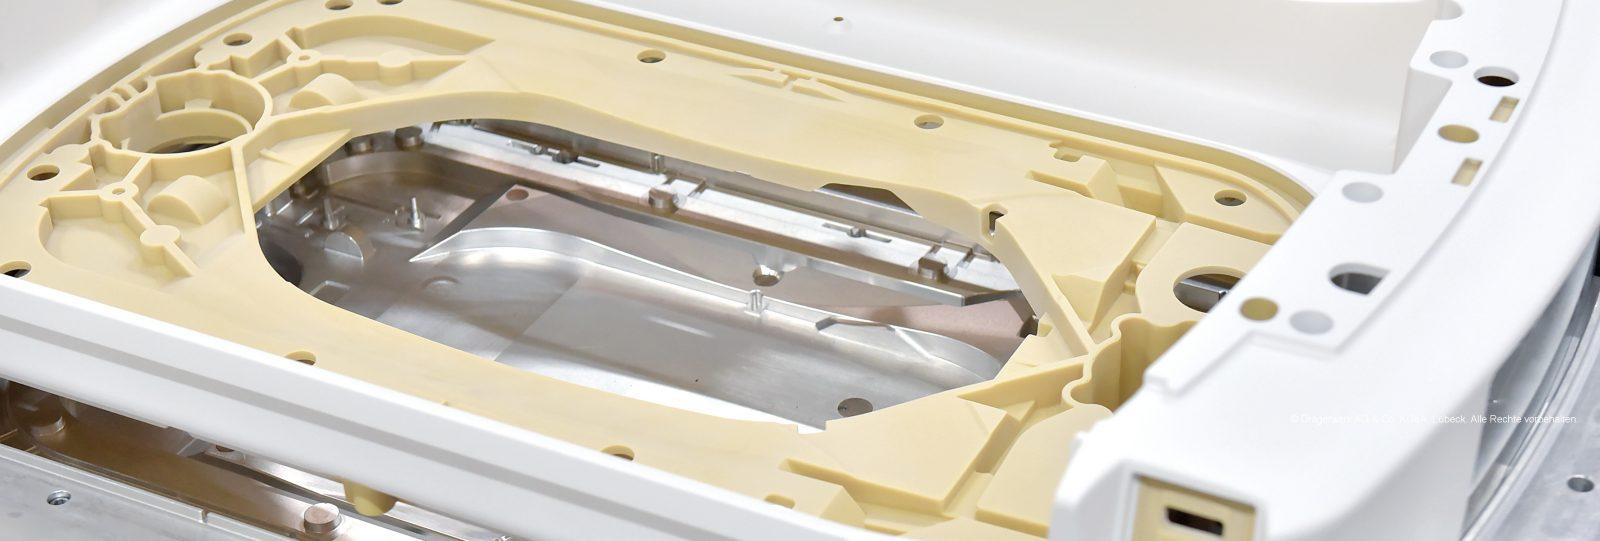 etol Kunststofftechnik, PUR, technische Formteile, Polyurethanverarbeitung